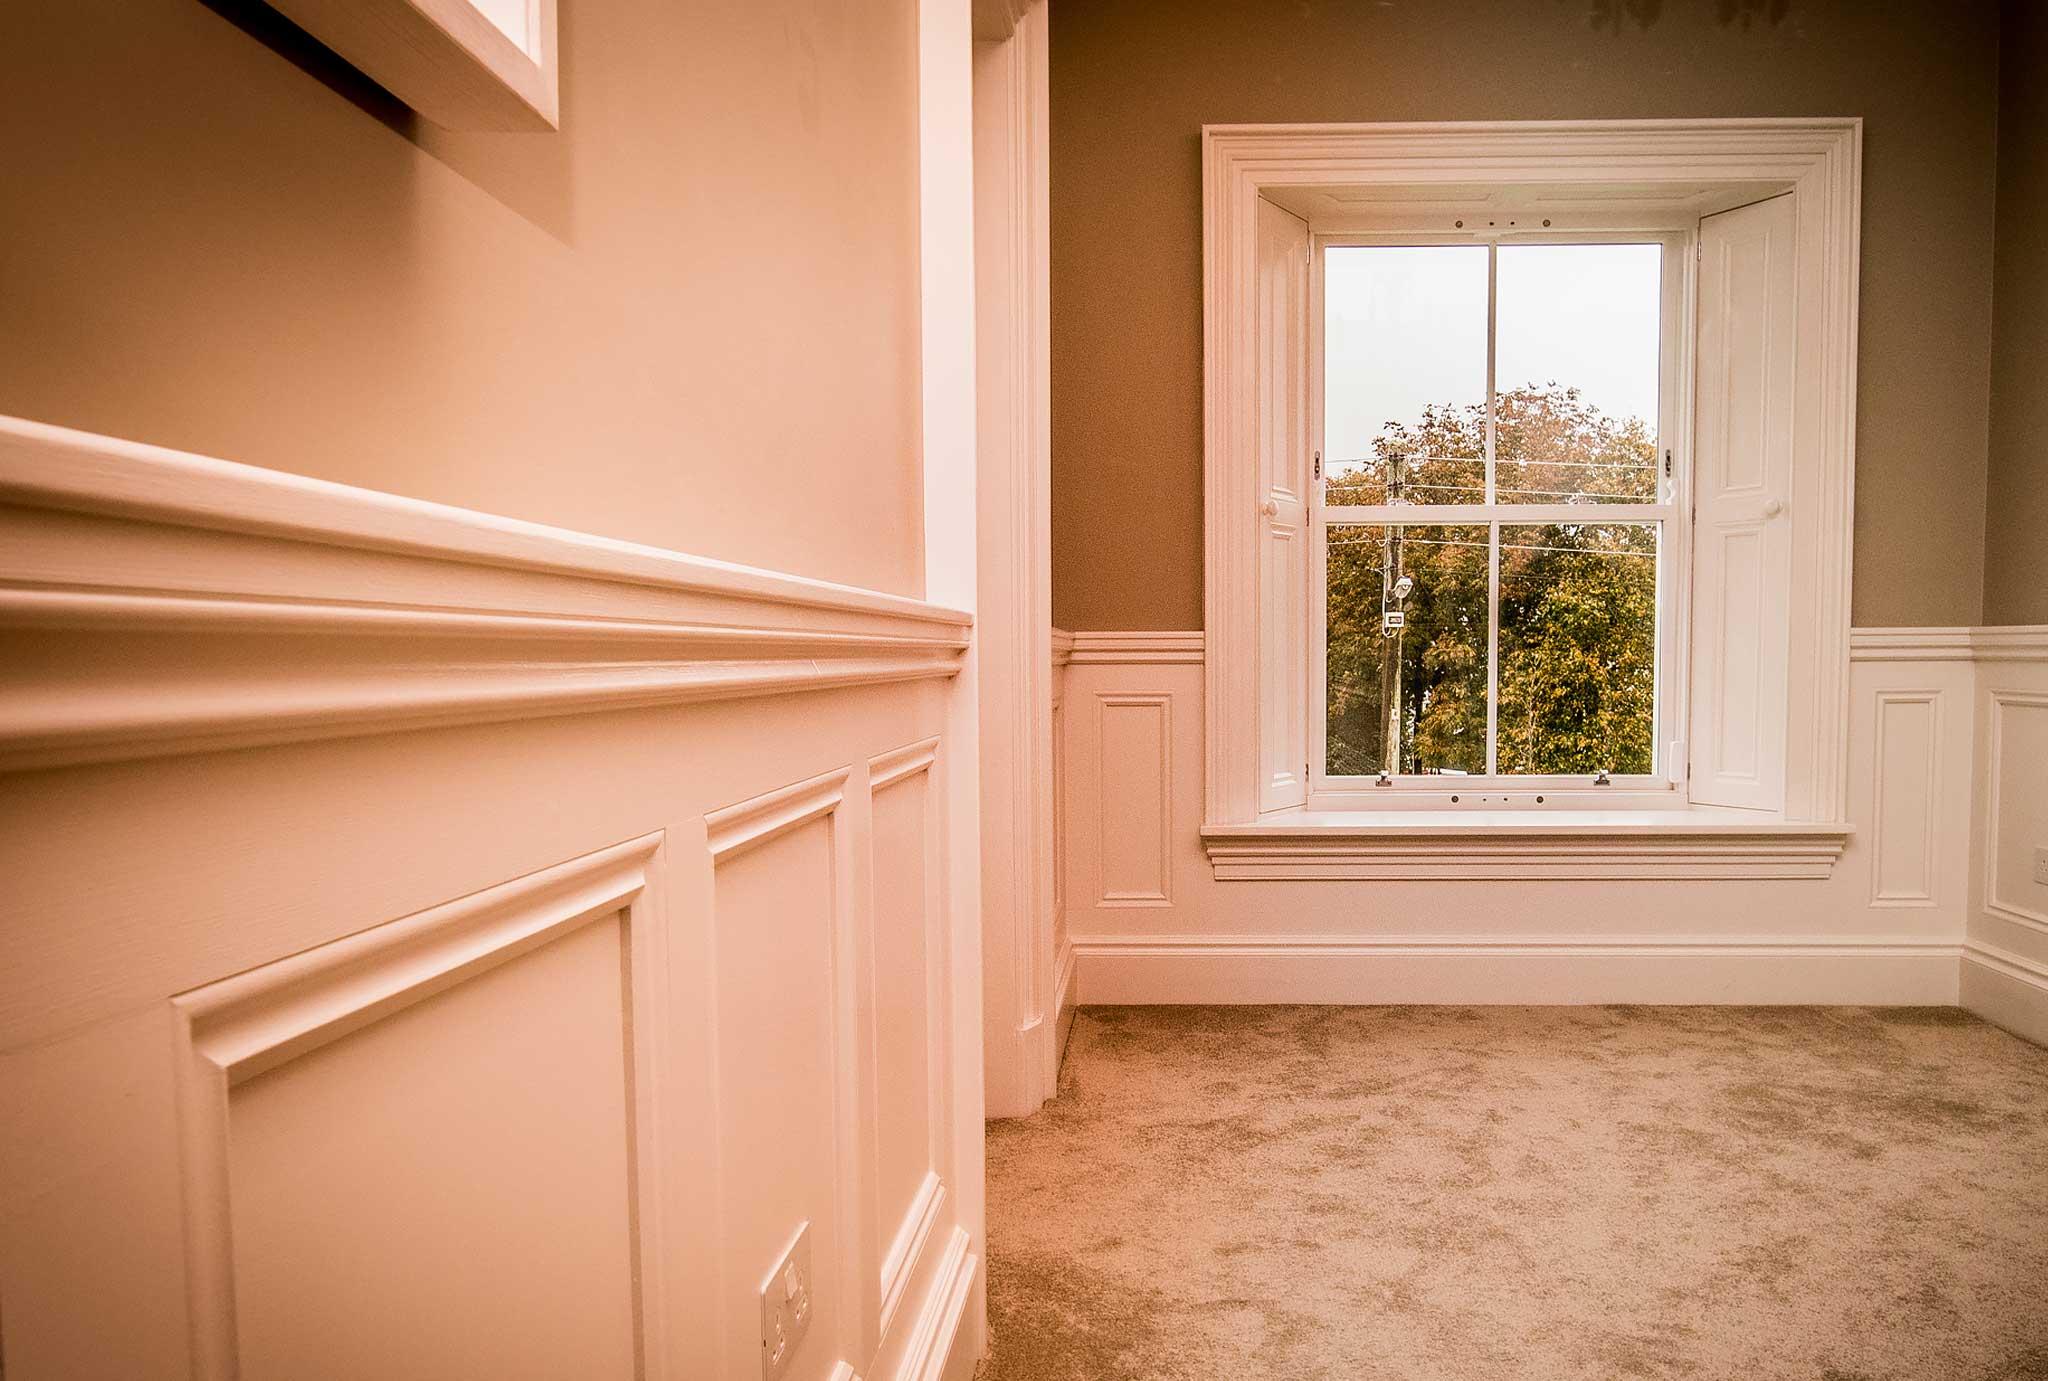 shutters-wood-panels